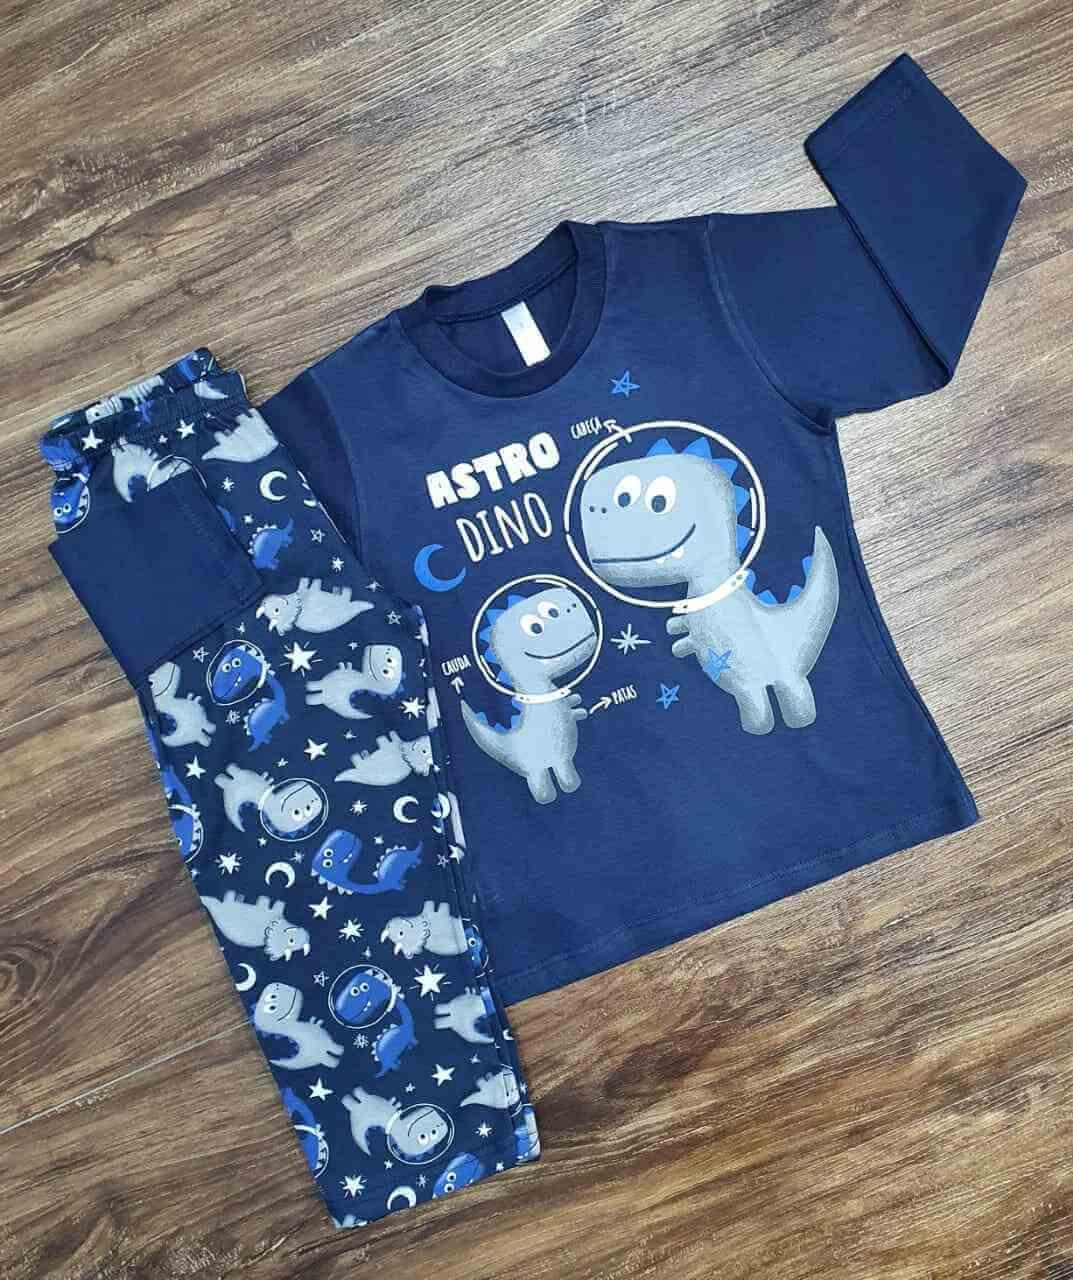 Pijama Astro Dino Infantil